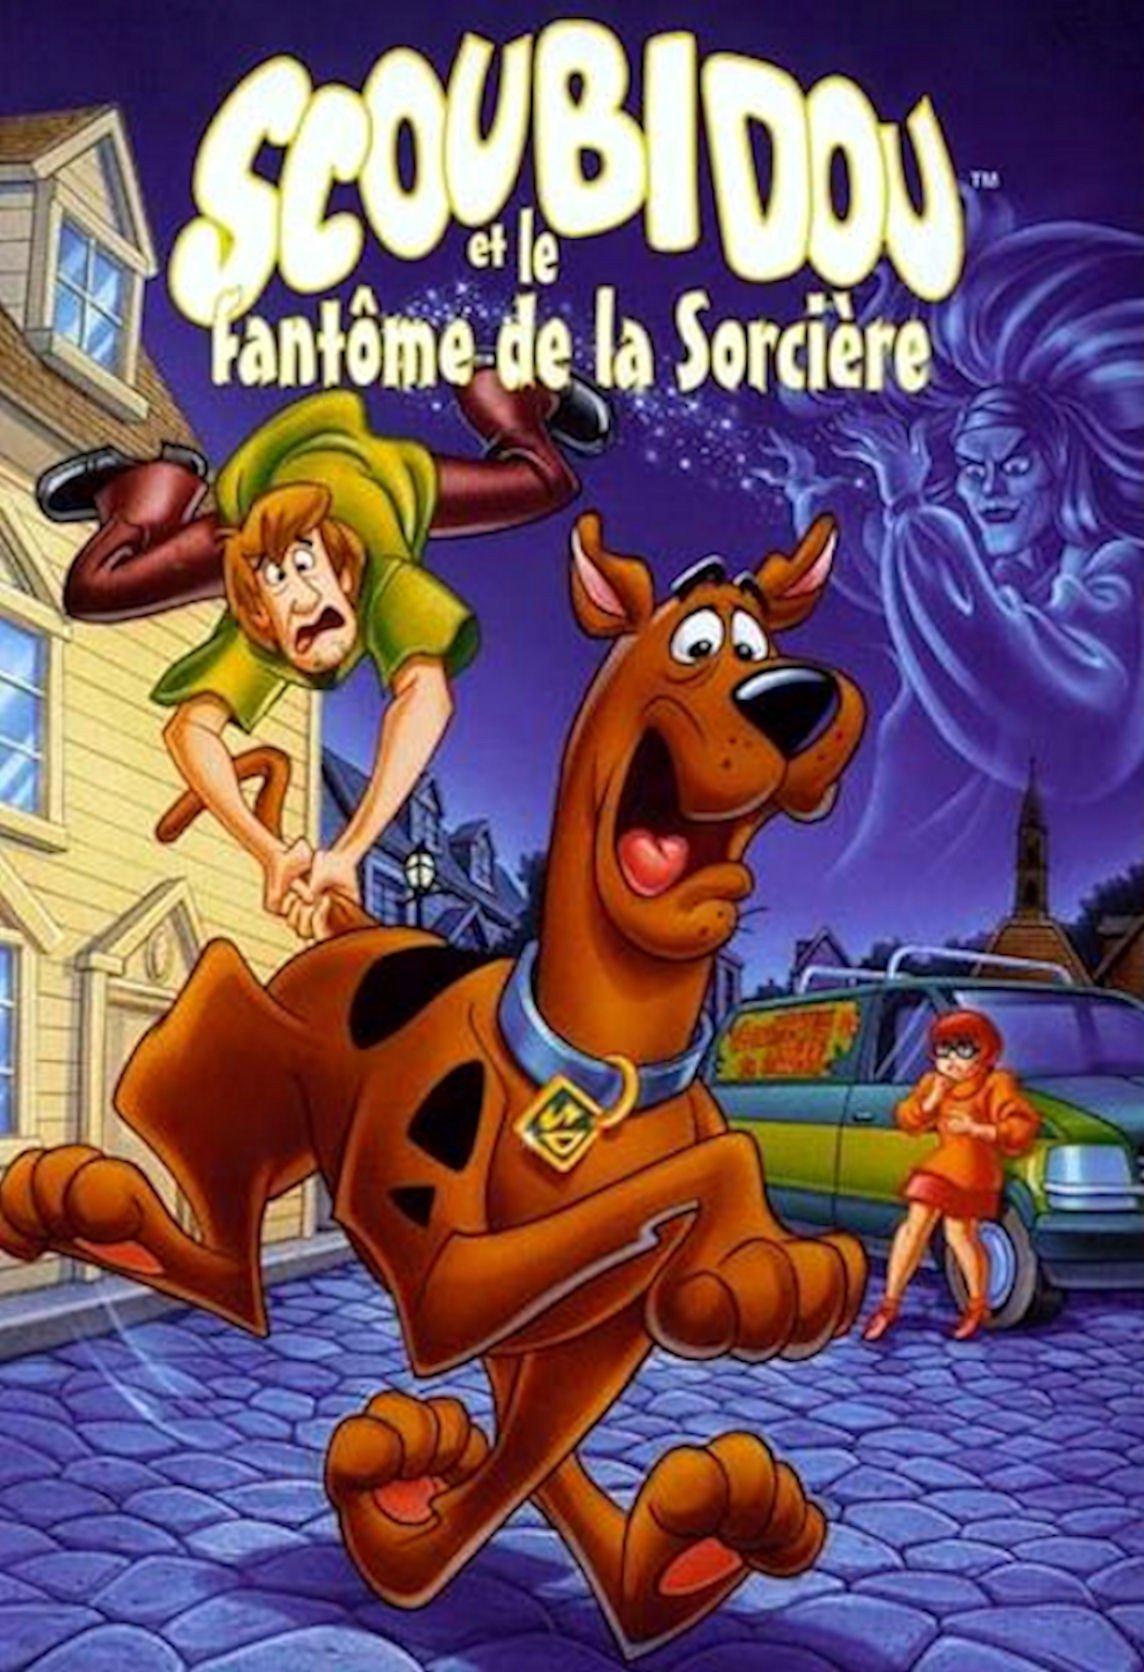 affiche du film Scooby-Doo et le fantôme de la sorcière (TV)